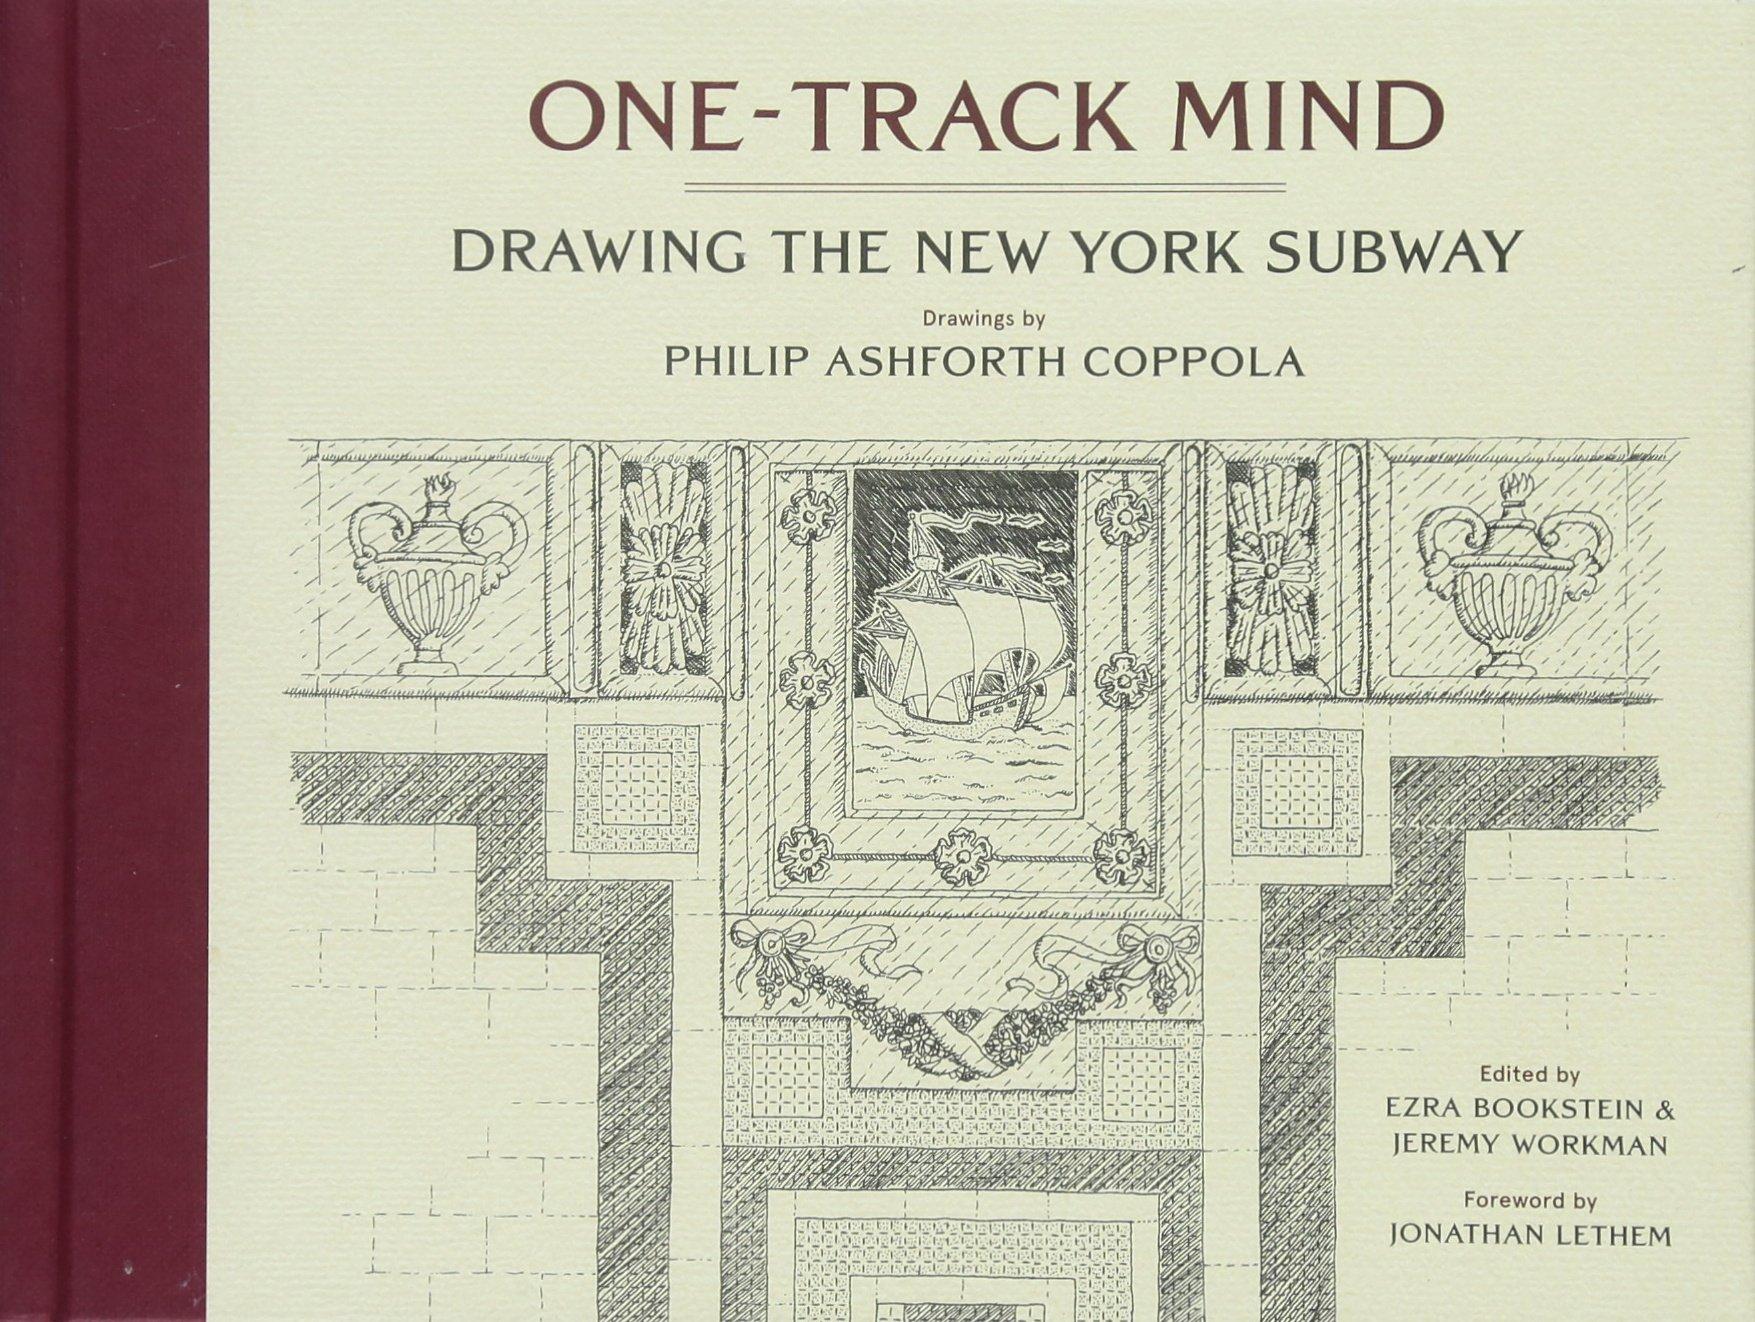 Nyc Subway Map Author Emiliano Ponzi.One Track Mind Drawing The New York Subway Ezra Bookstein Jeremy